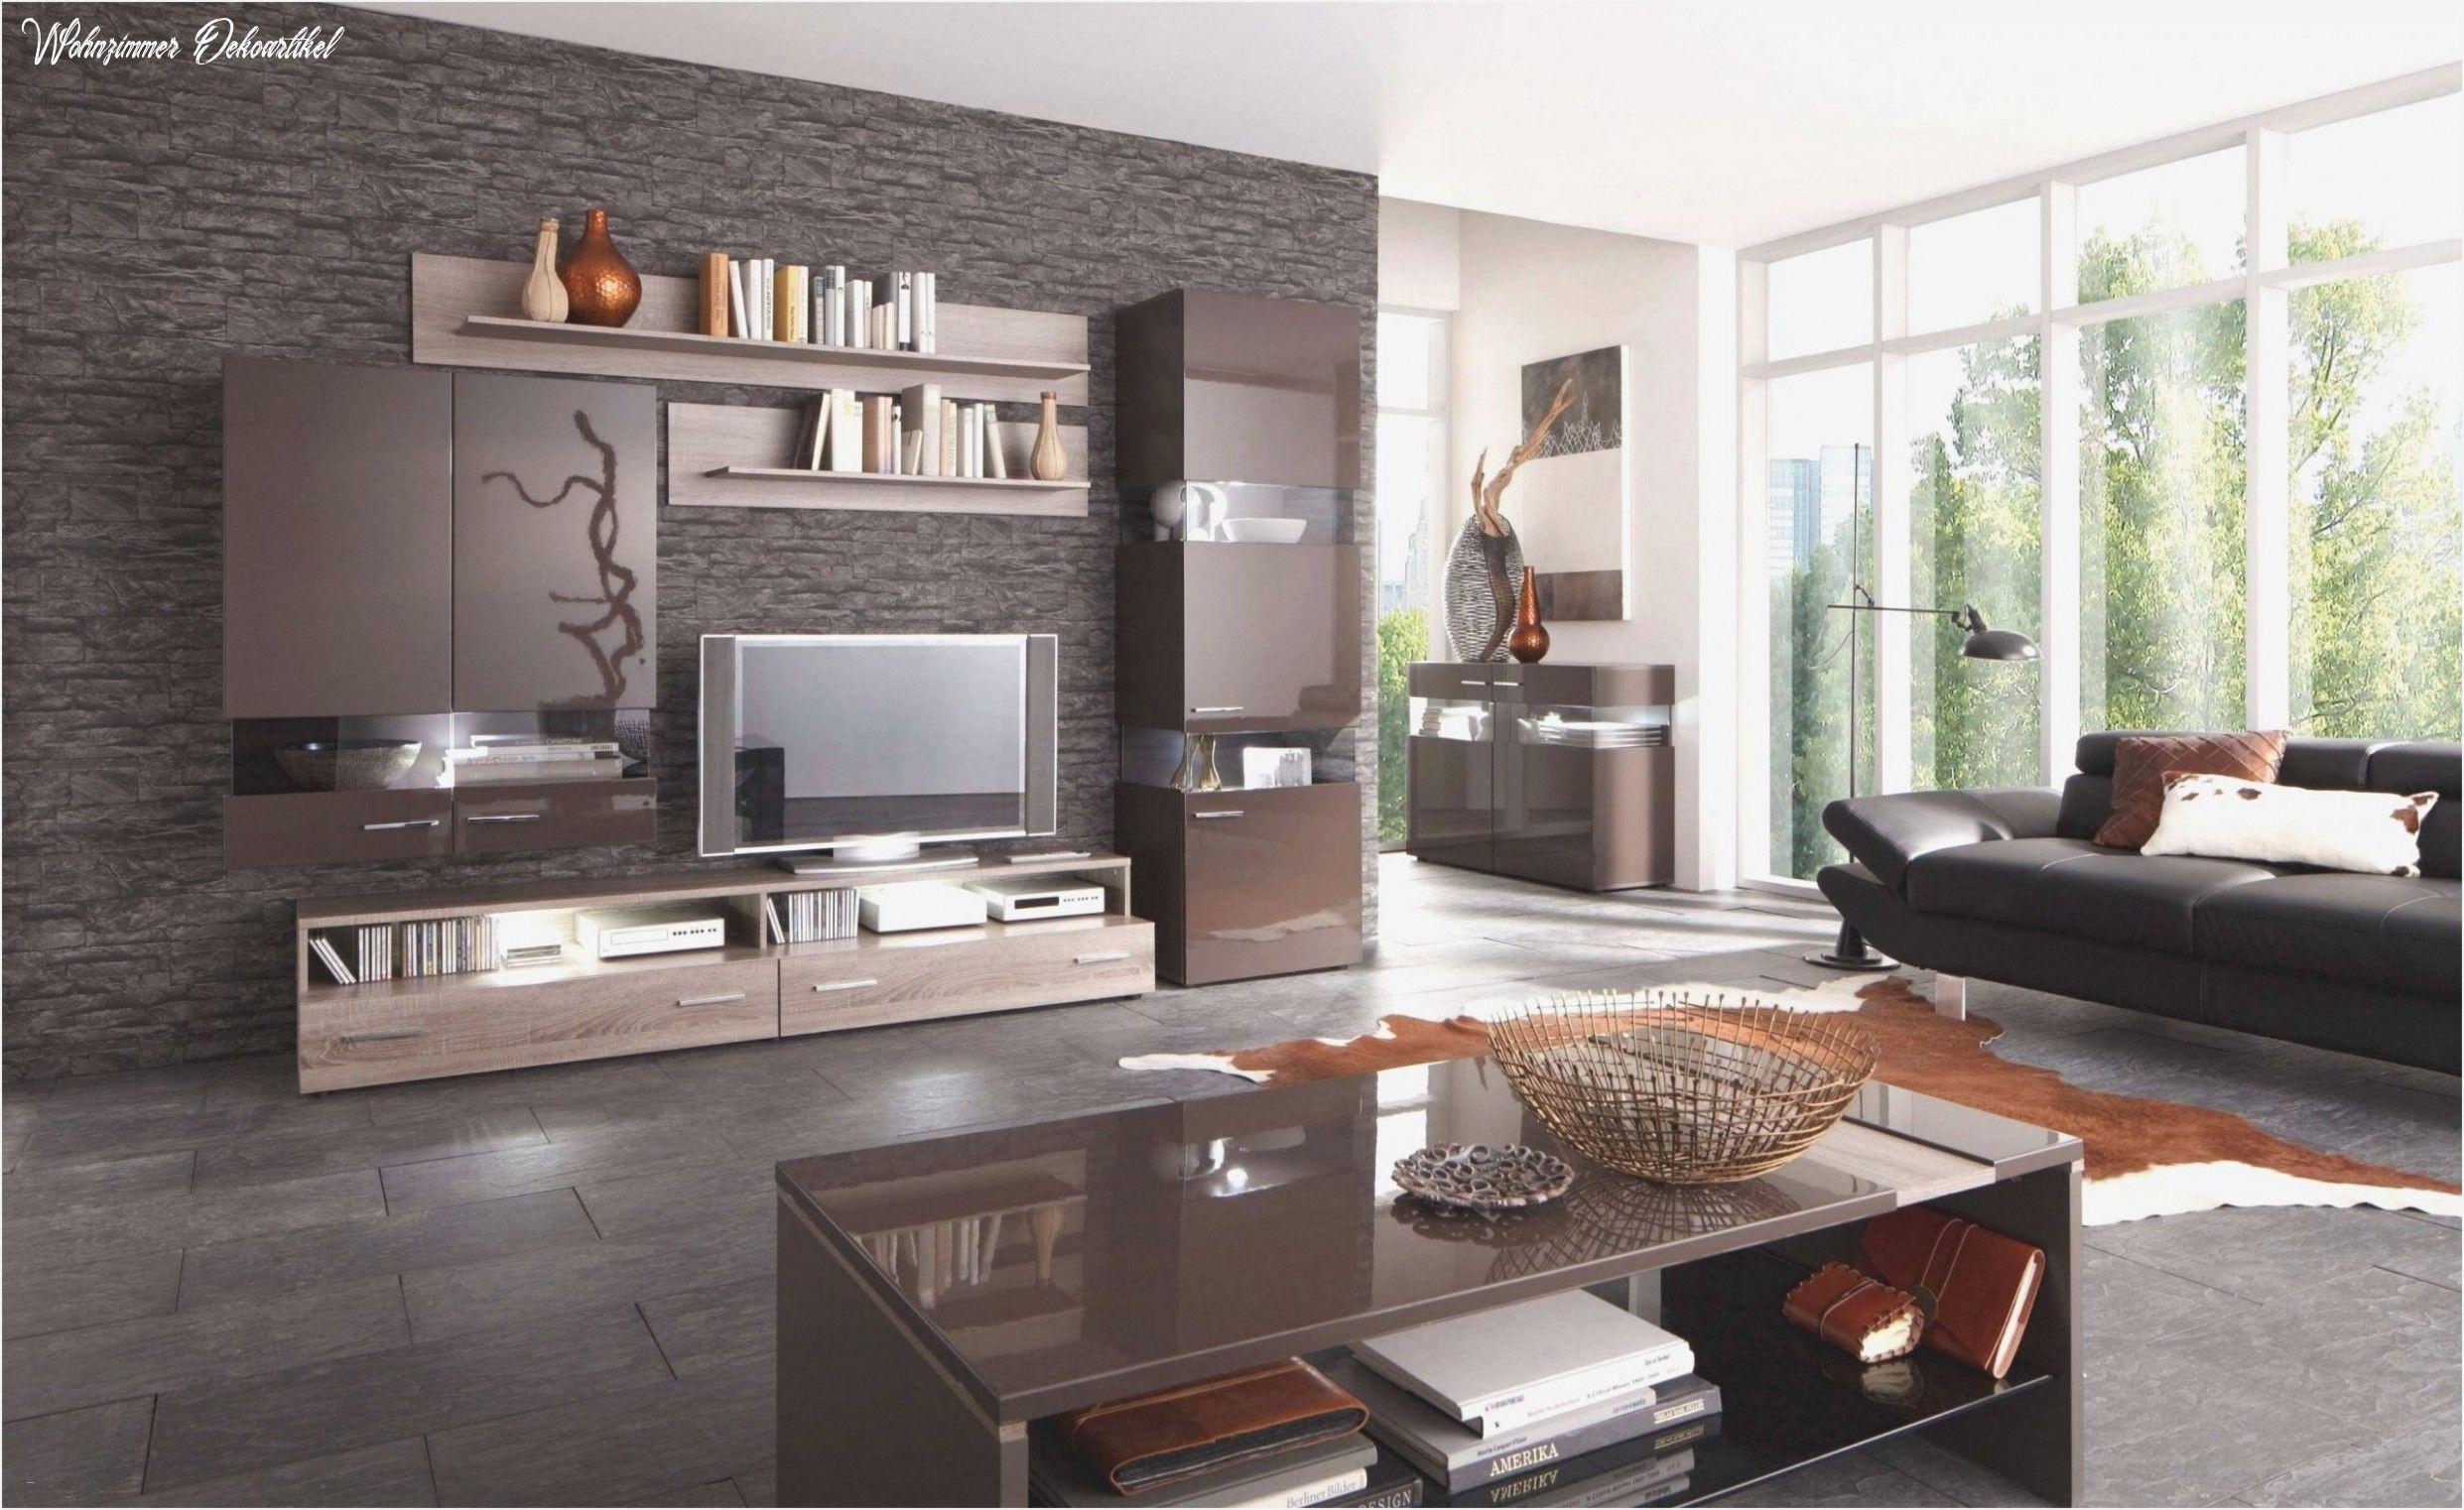 8+ Wohnzimmer Dekoartikel Mit Persönlichkeit in 8  Modern